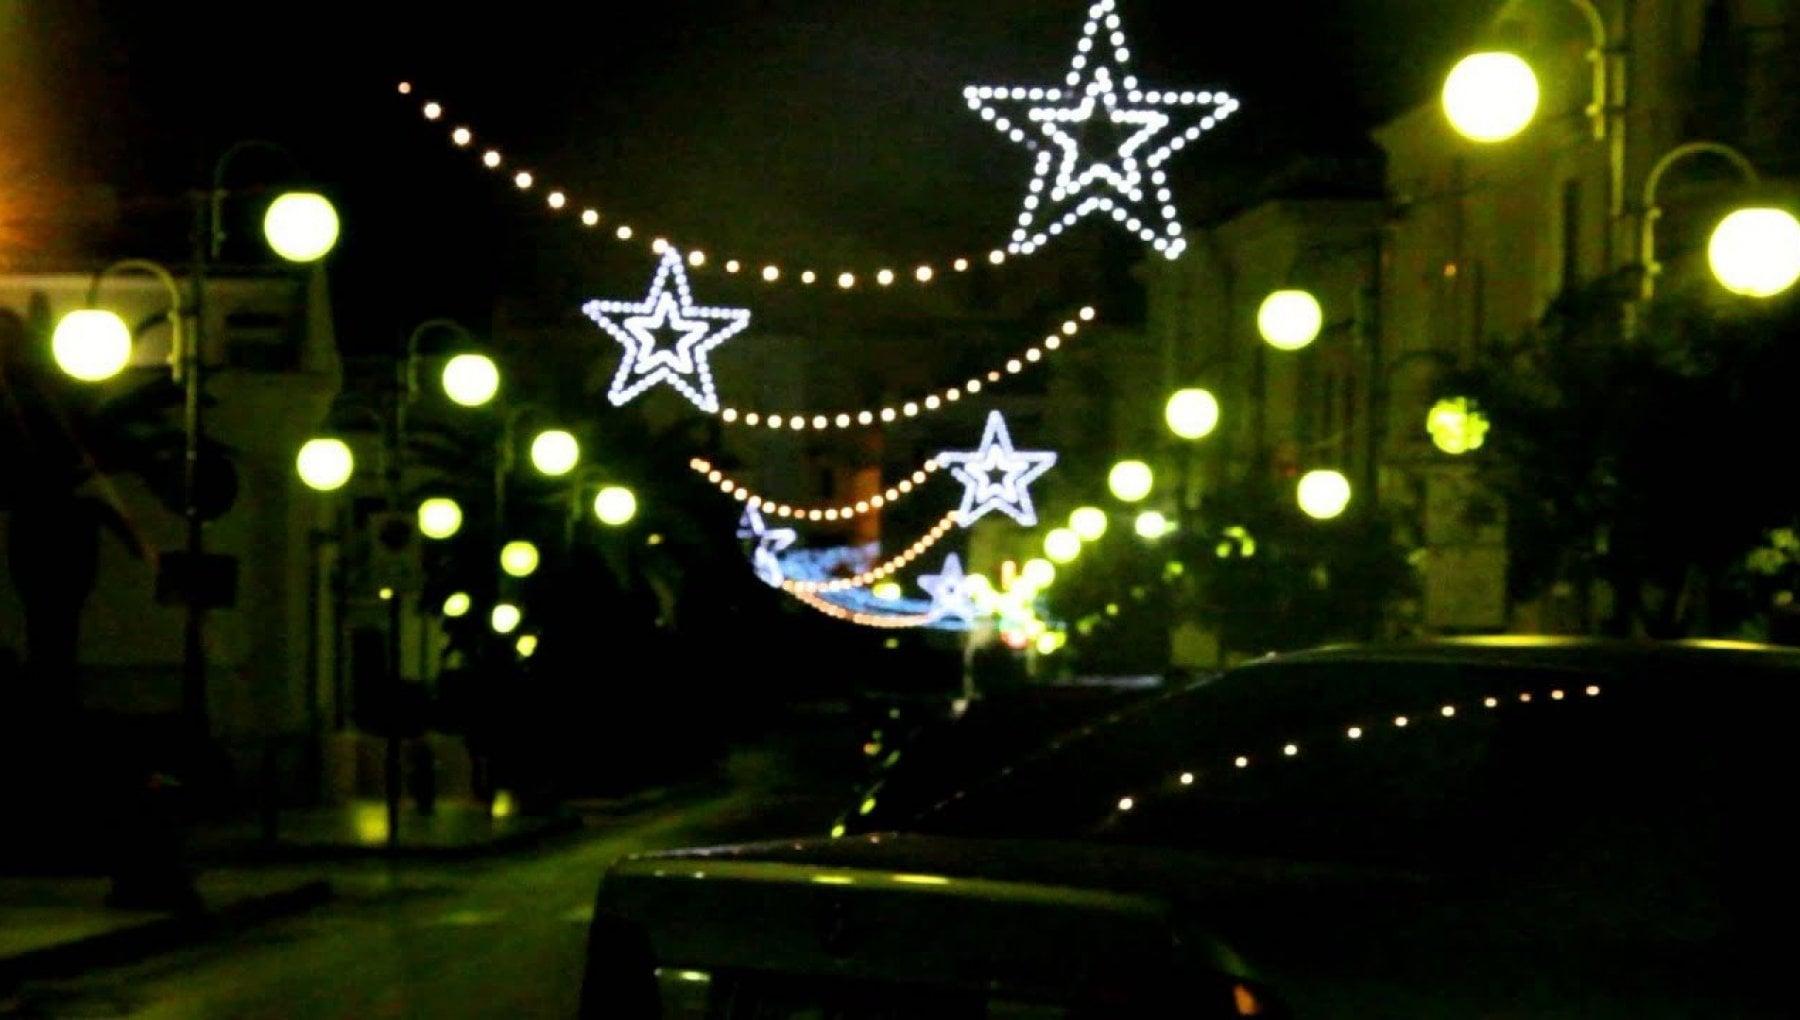 Audio a luci rosse al posto delle canzoni natalizie in centro a Vieste manomessa la filodifussione